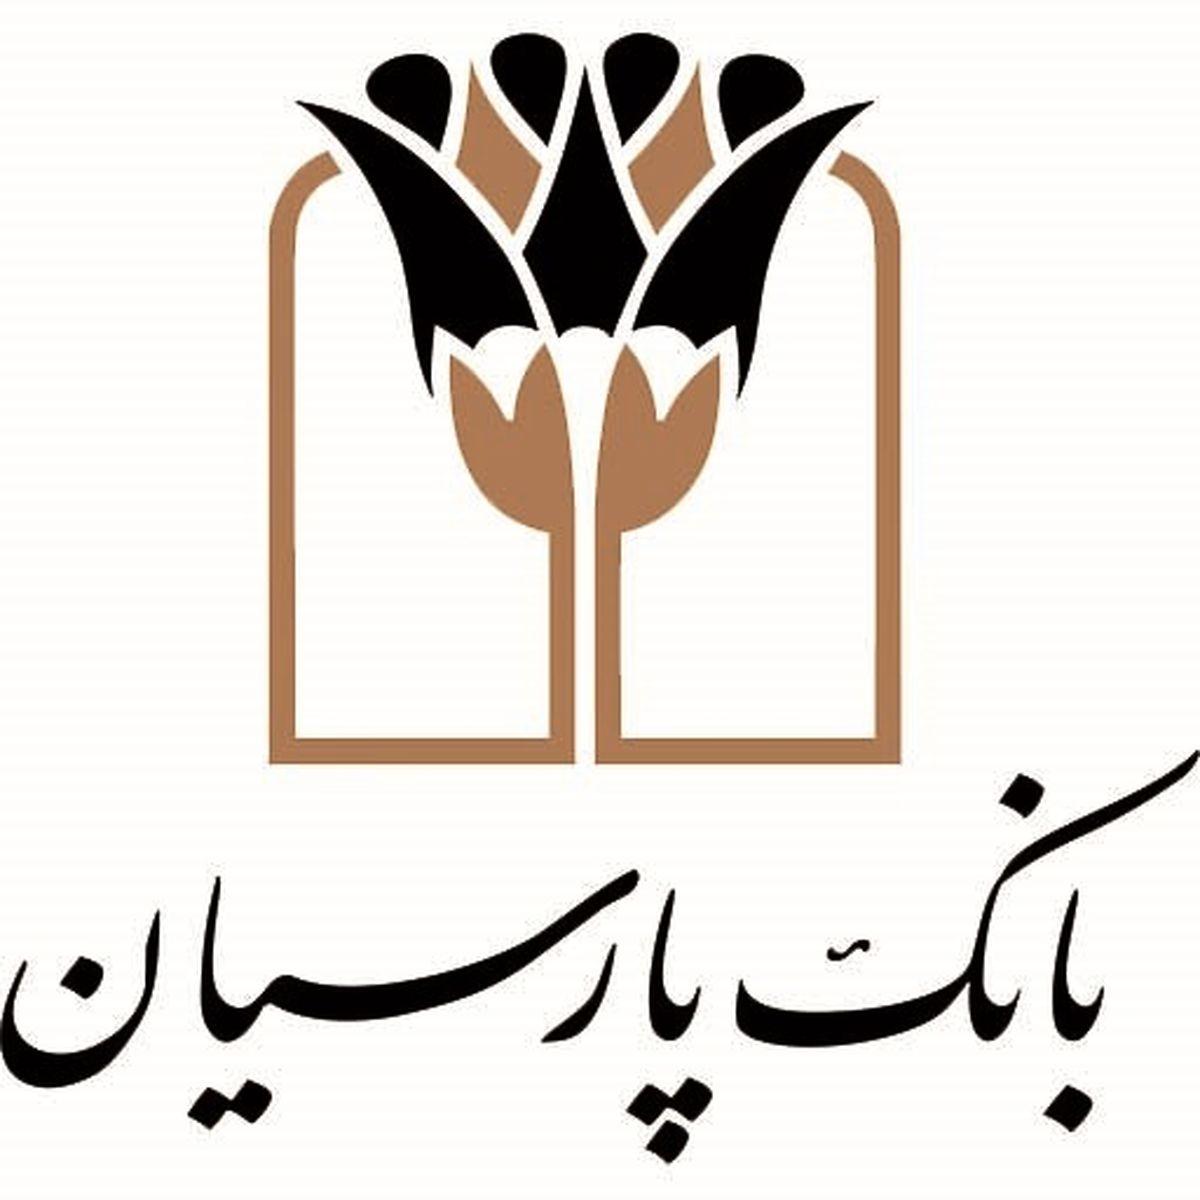 راهاندازی خط اعتباری ویژه بانک پارسیان برای استارتآپها